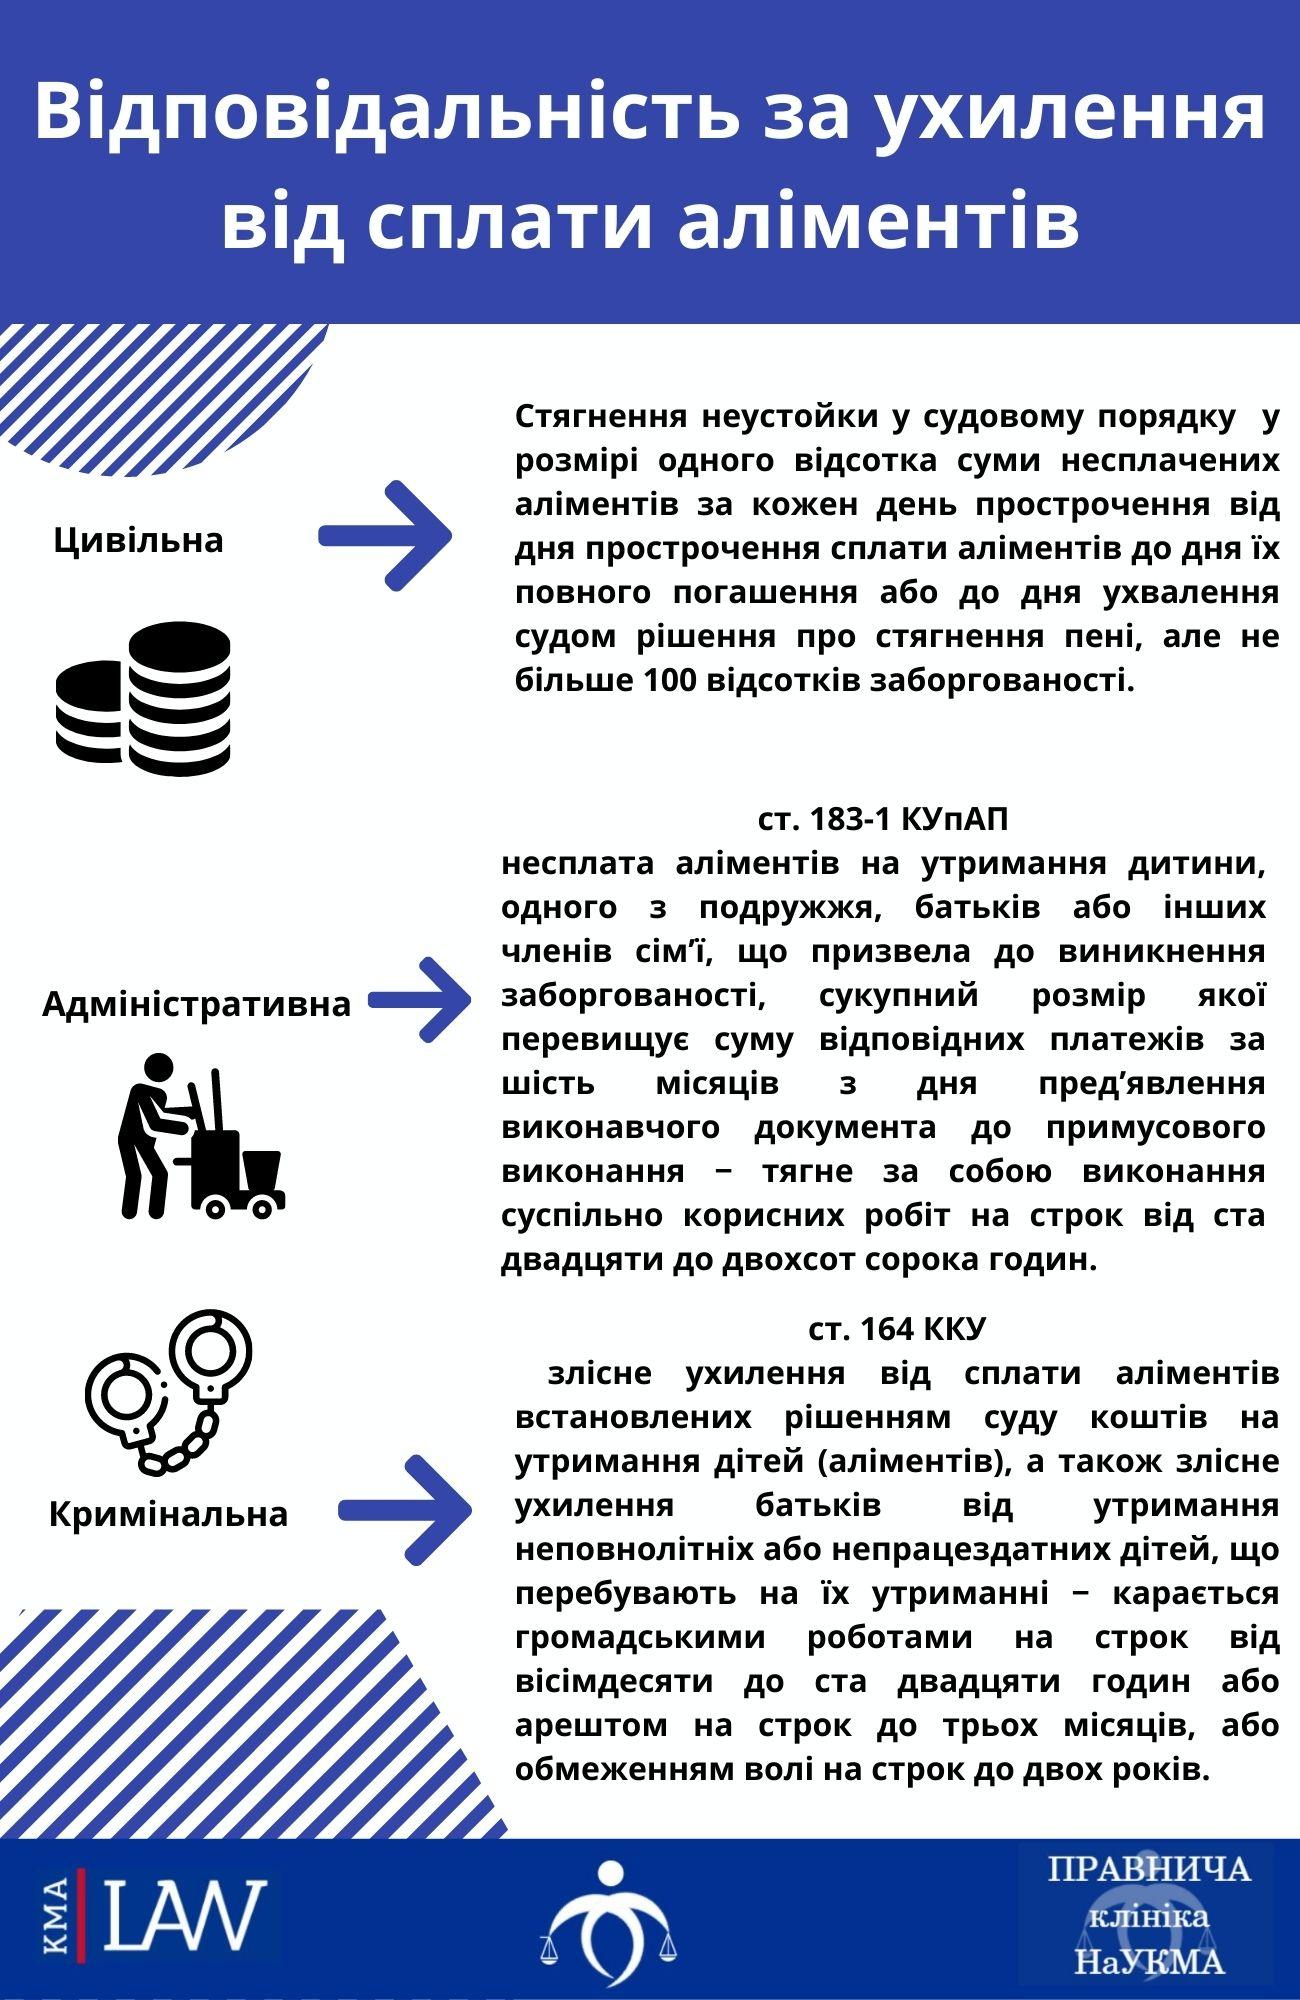 Аліменти: відповідальність за ухилення від сплати